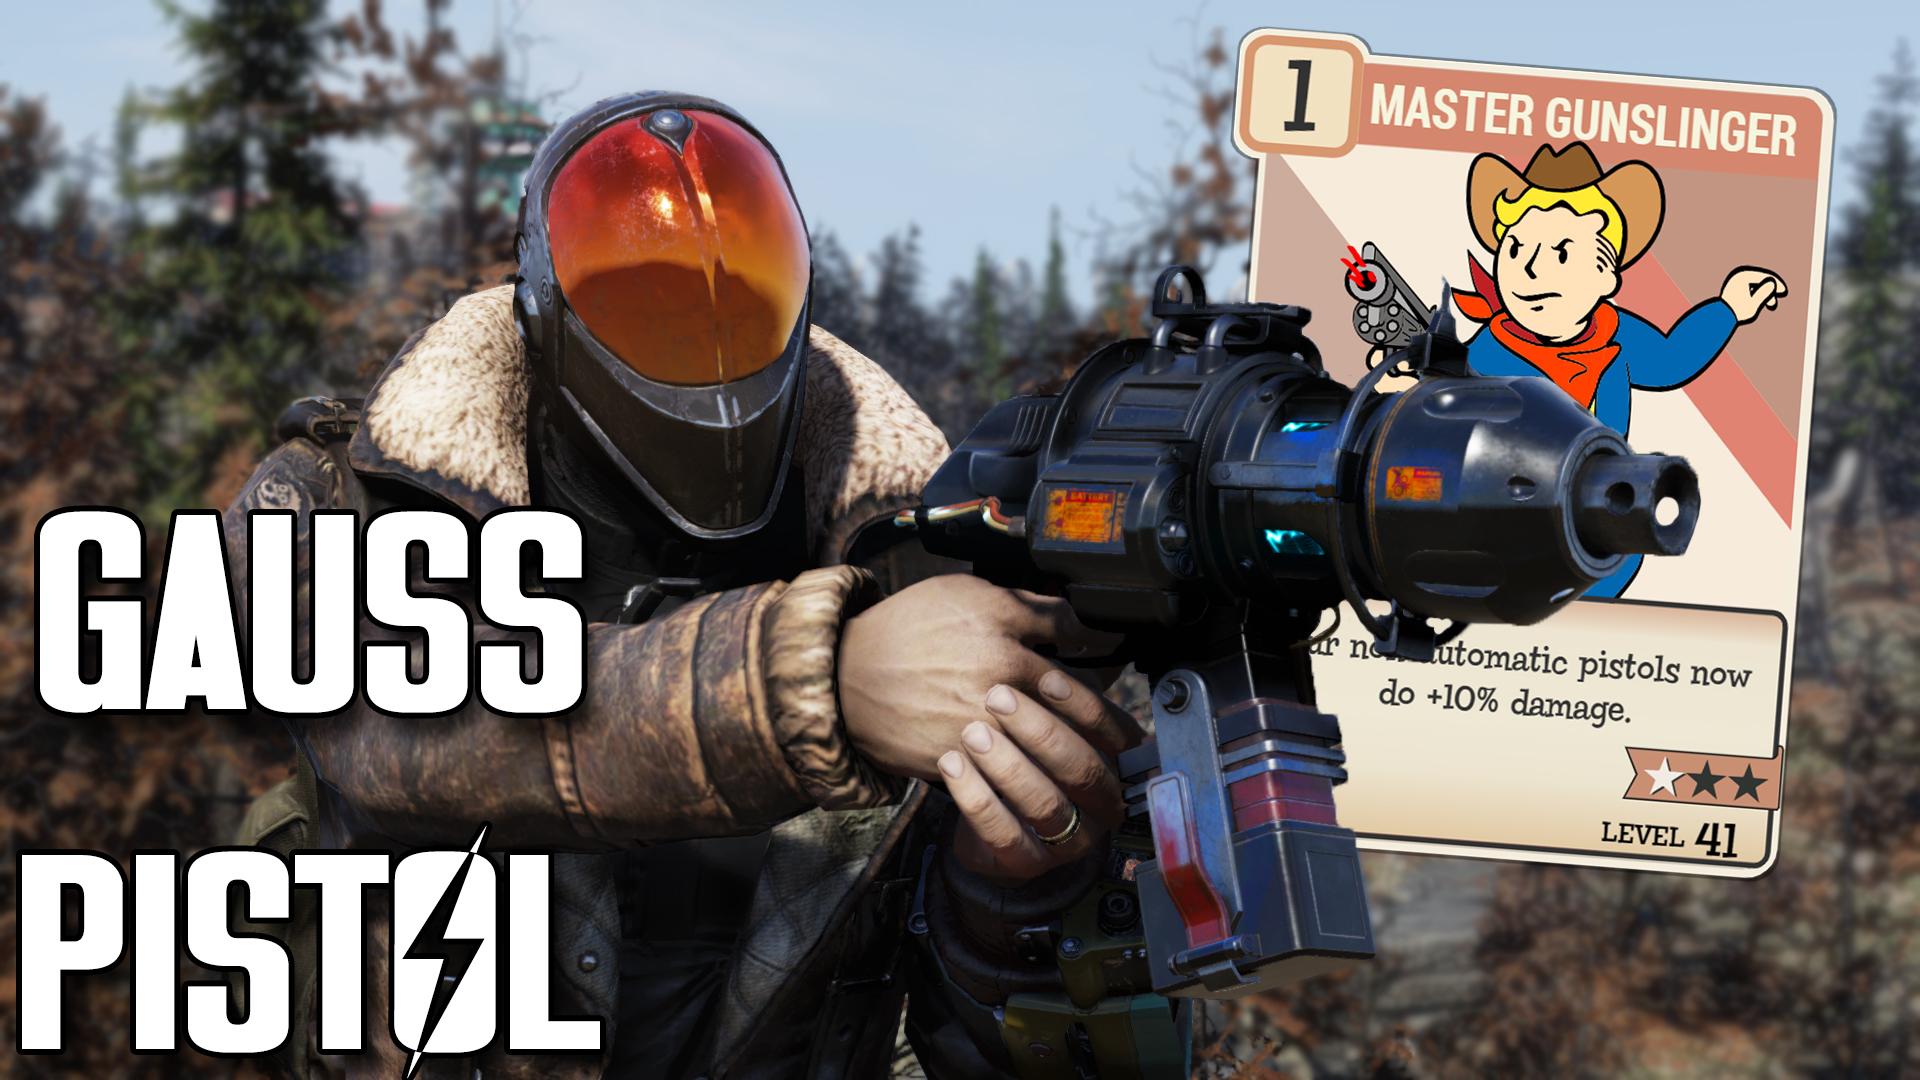 Fallout 76 Gauss Pistol Build